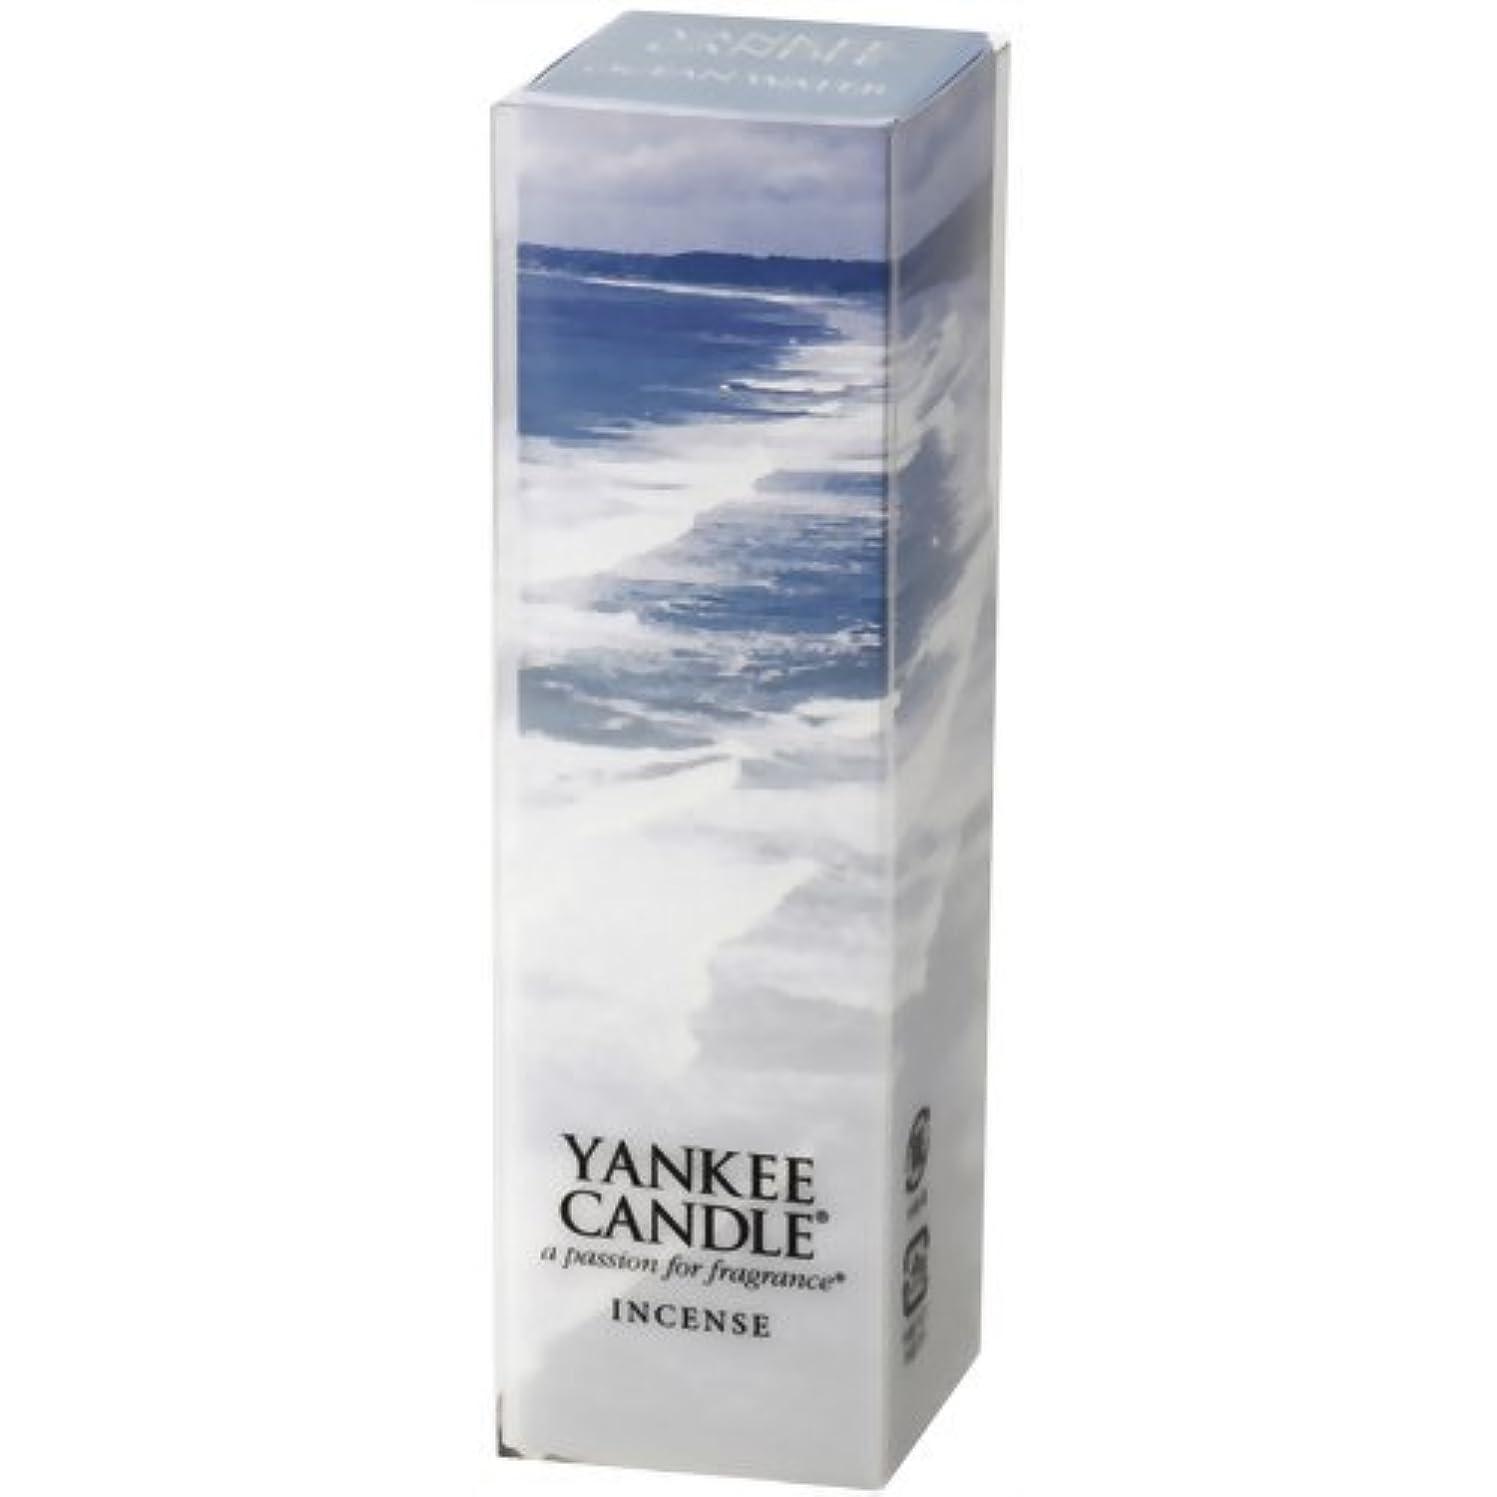 数ネブラボYANKEE CANDLE(ヤンキーキャンドル) YCインセンス オーシャン